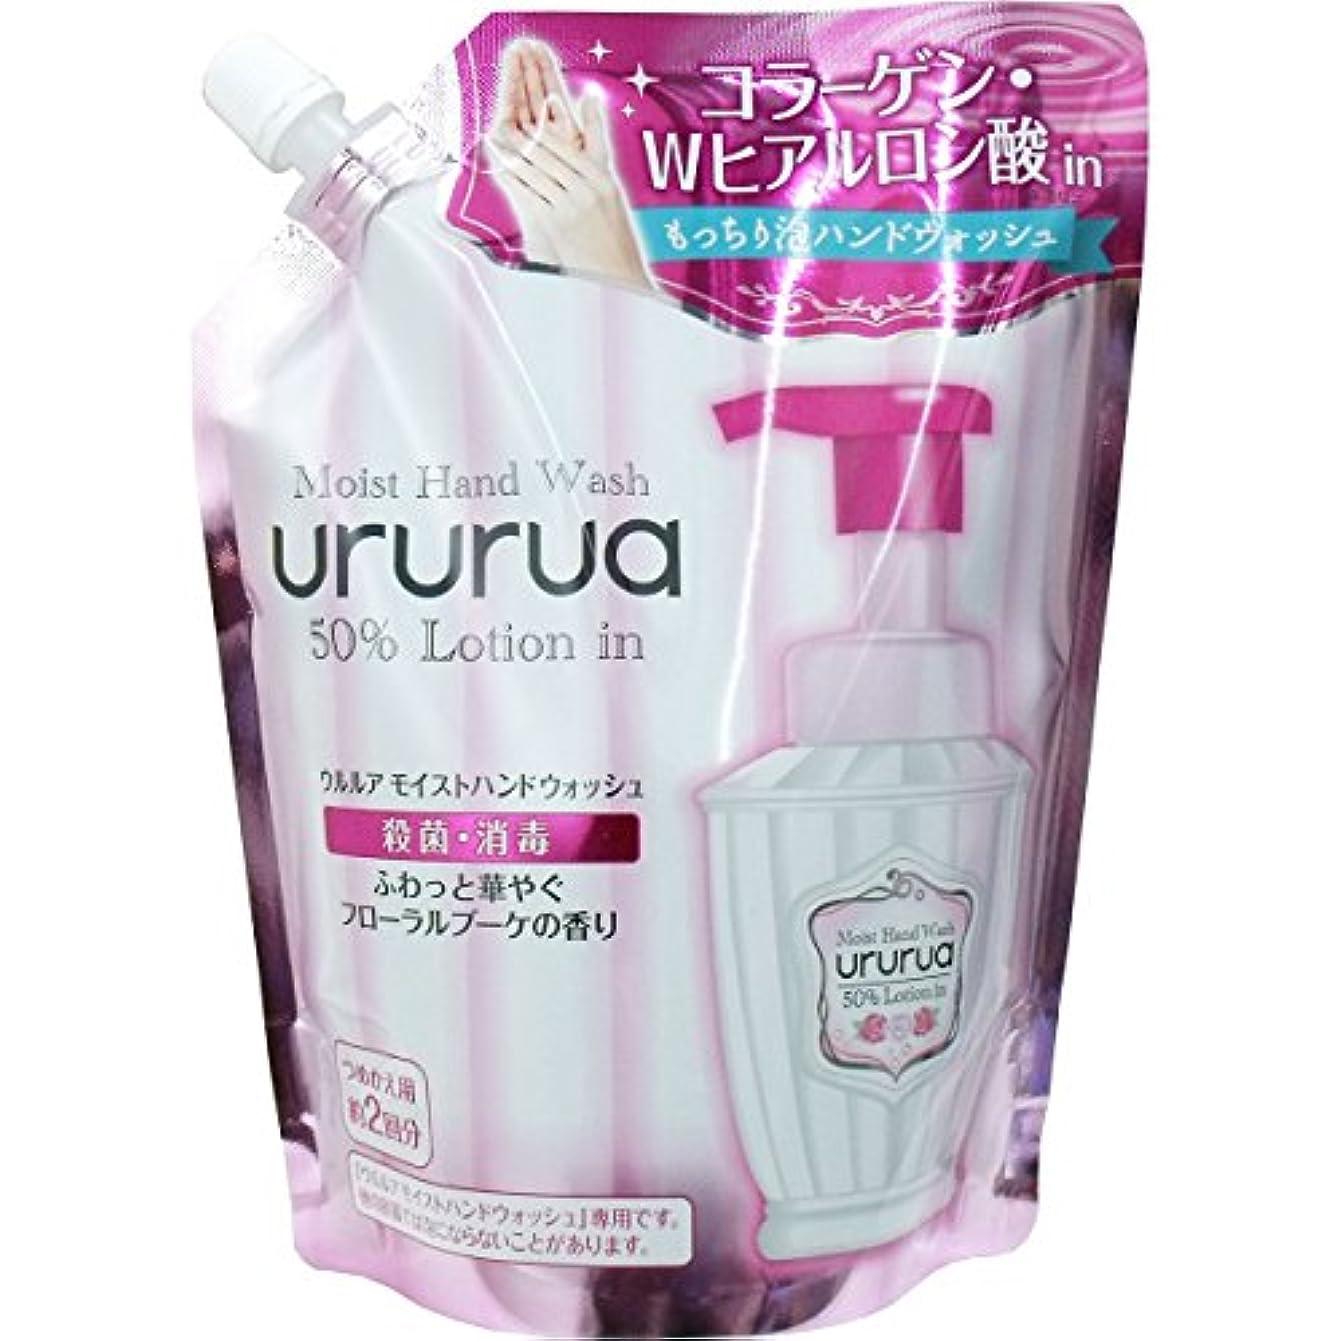 ホストキャップ口述する【牛乳石鹸】ウルルア モイストハンドウォッシュ つめかえ用 420ml ×5個セット